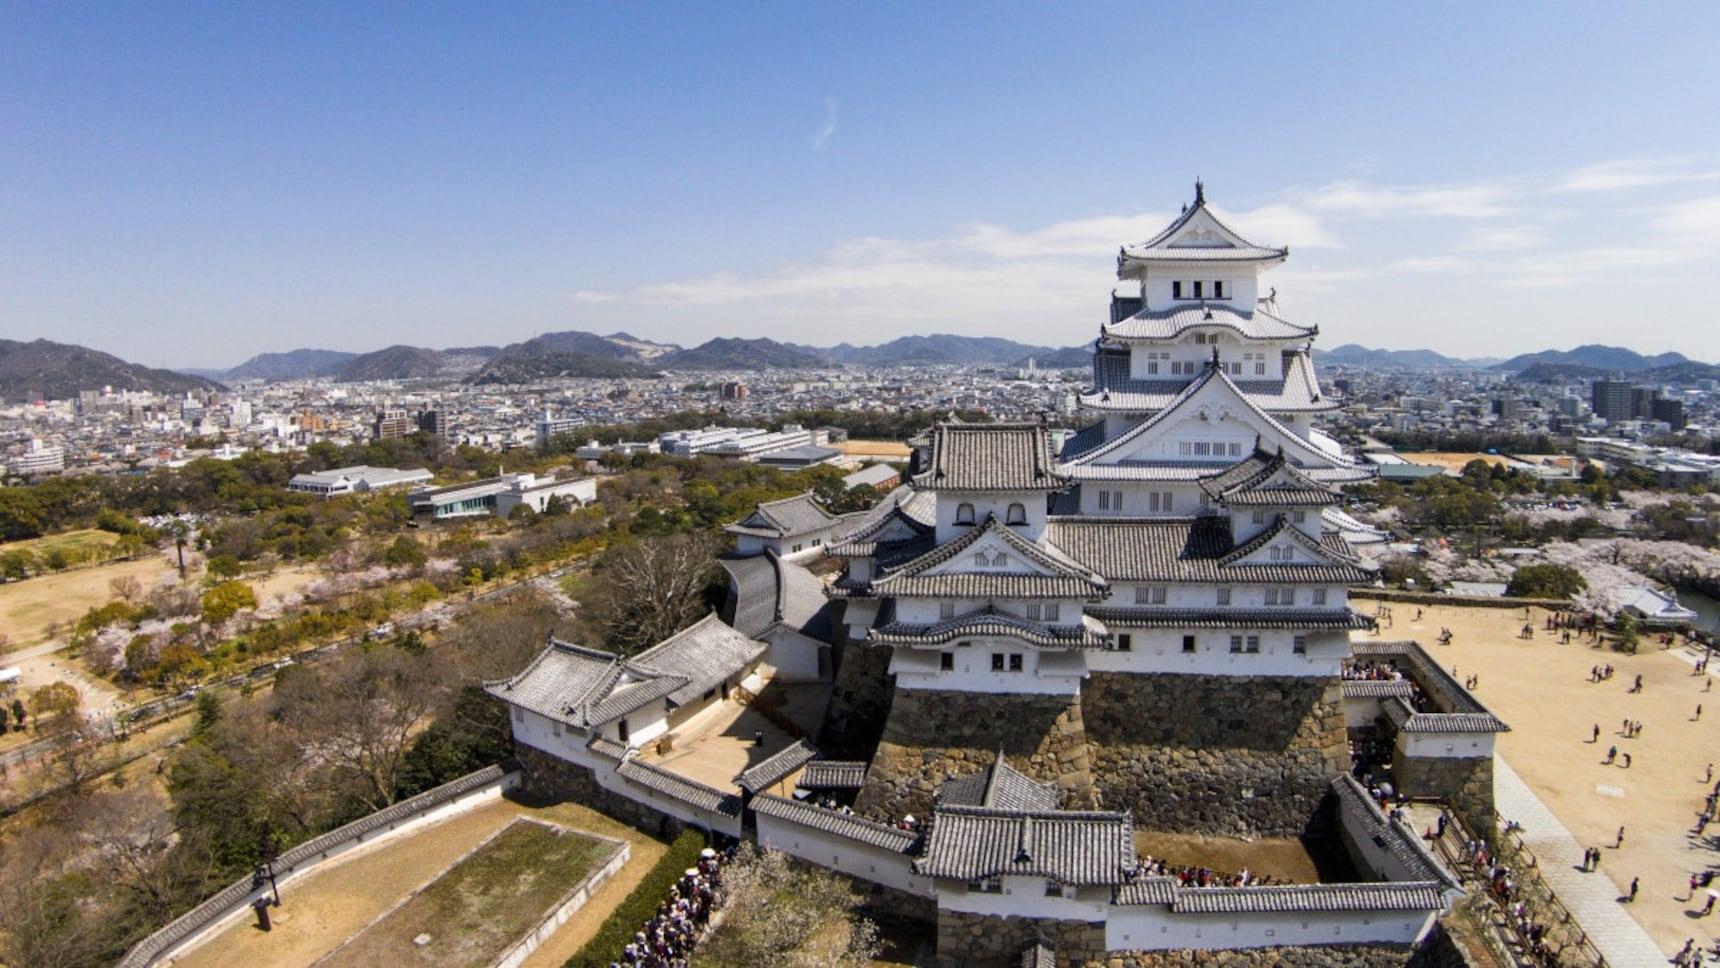 7 ปราสาทที่สวยที่สุดในญี่ปุ่น